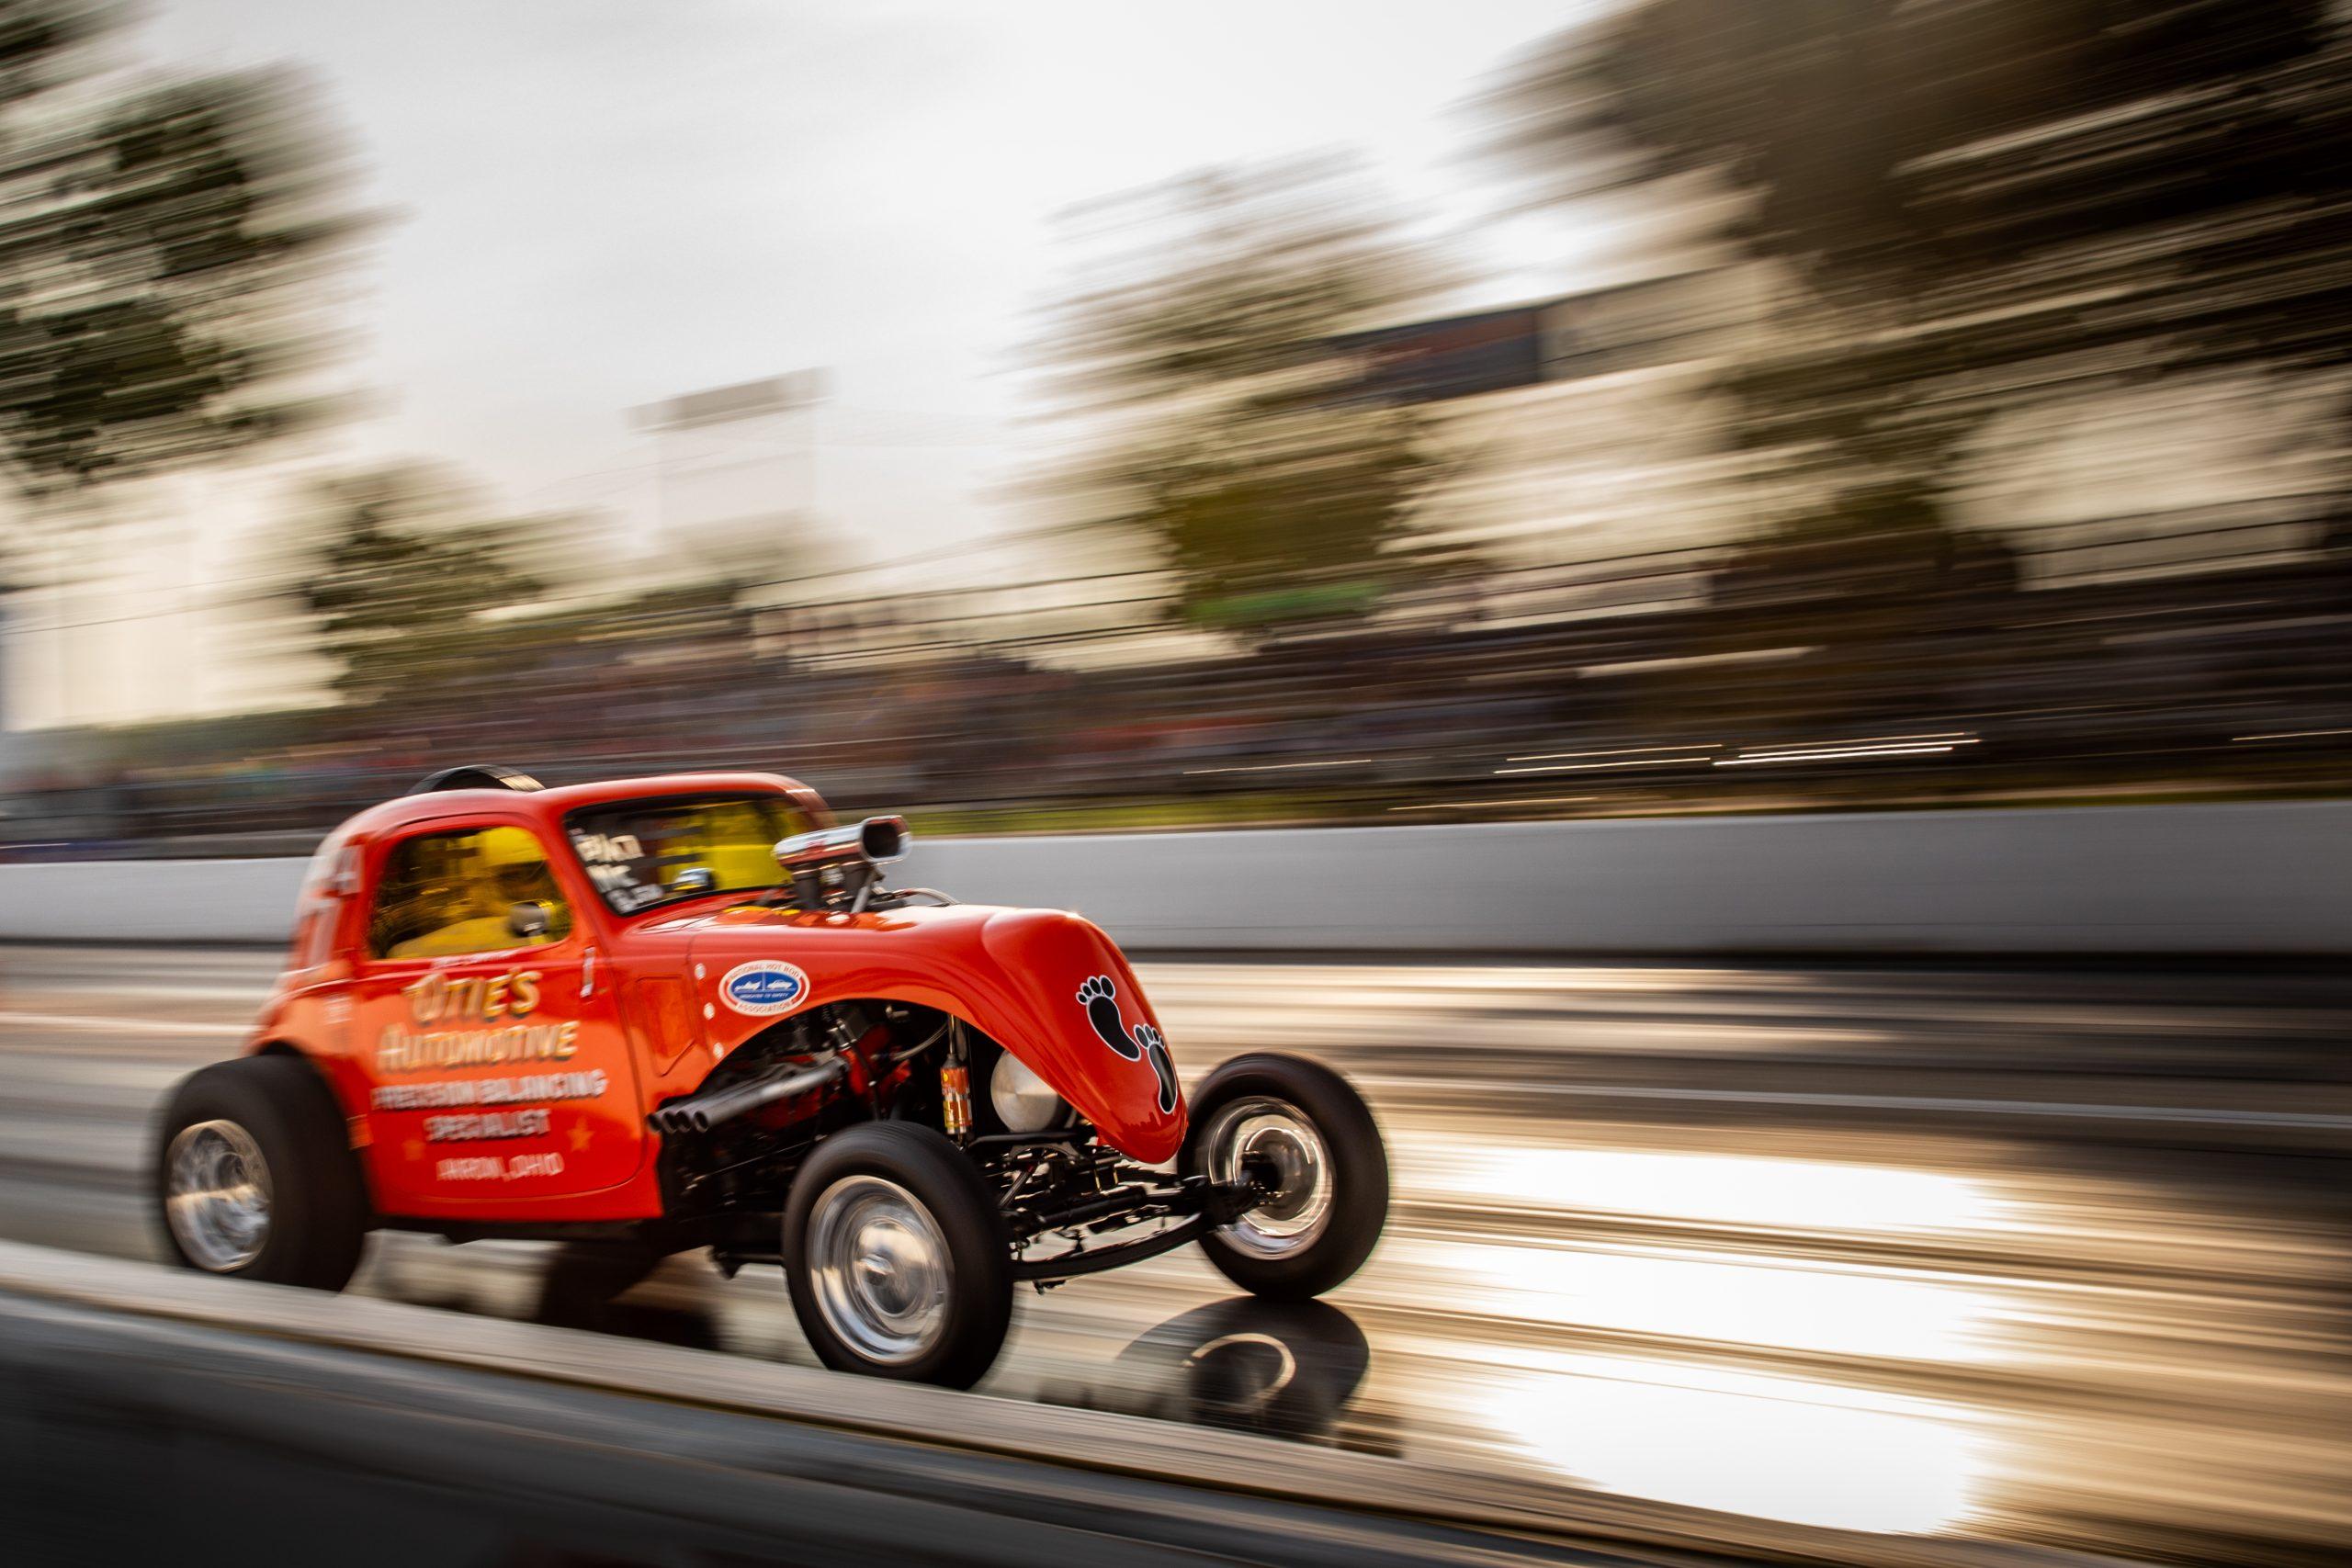 Milan Nostalgia Drags Fiat dragster